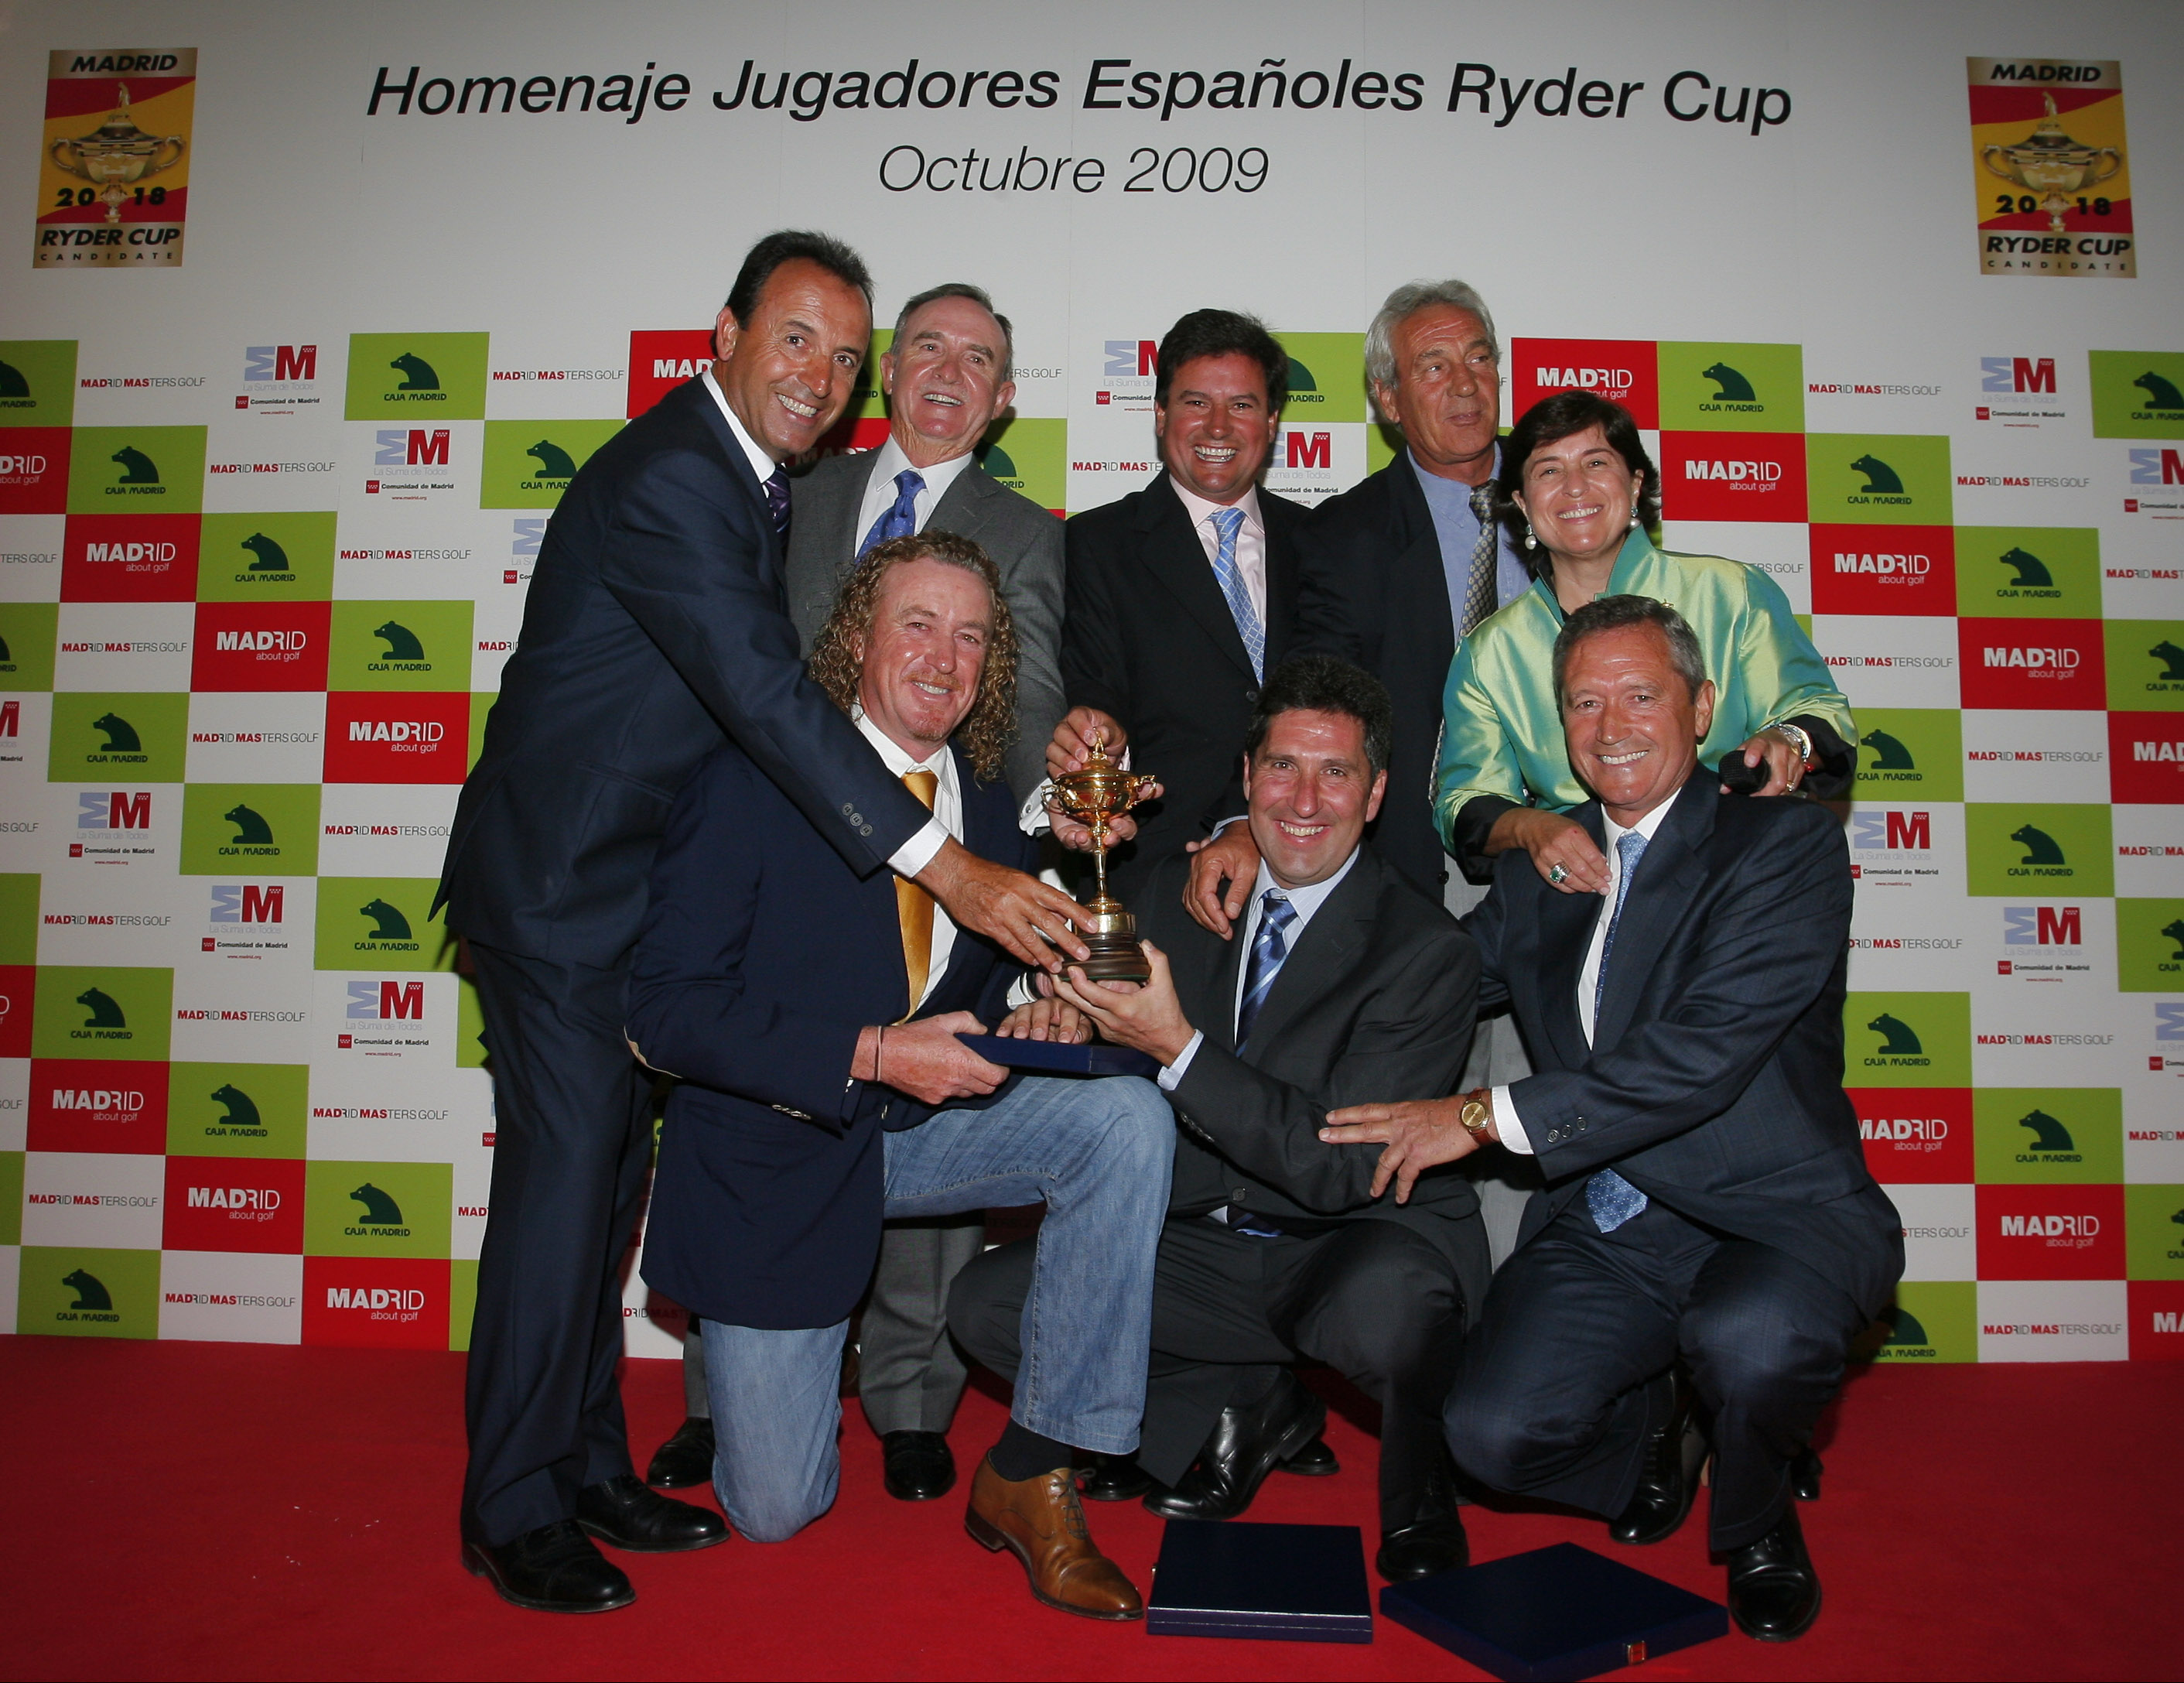 Homenaje a los españoles en la Ryder Cup durante el Madrid Masters de 2009.